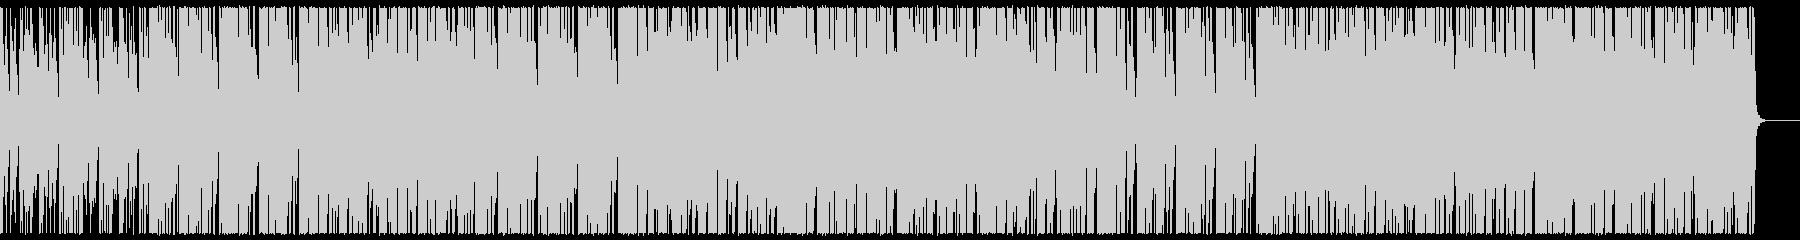 落ち着いた雰囲気のエレクトロポップの未再生の波形